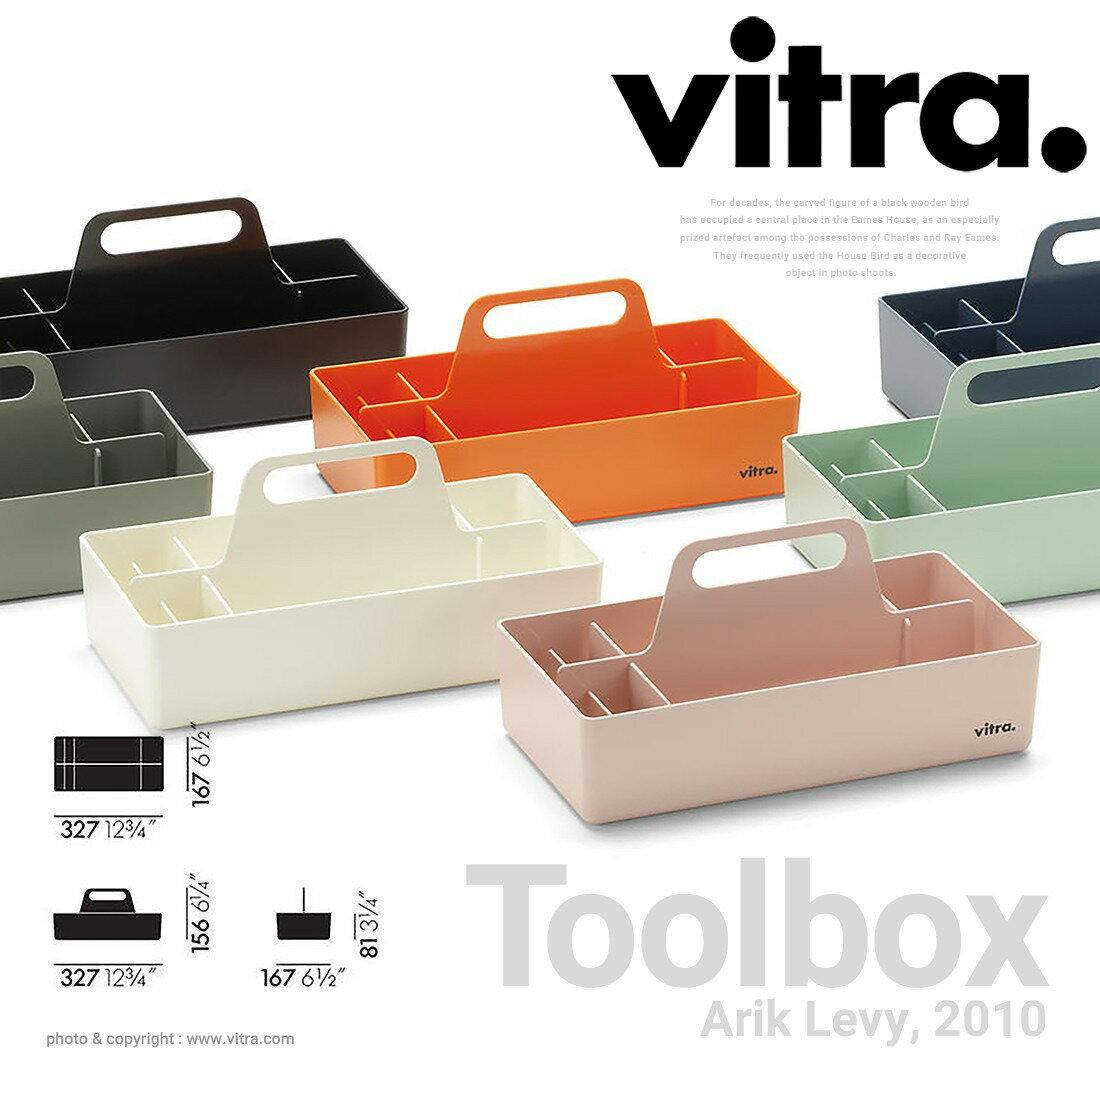 【クーポン発行中】Vitra Toolbox ツールボックス ヴィトラ/工具箱/Arik Levy/ブリック